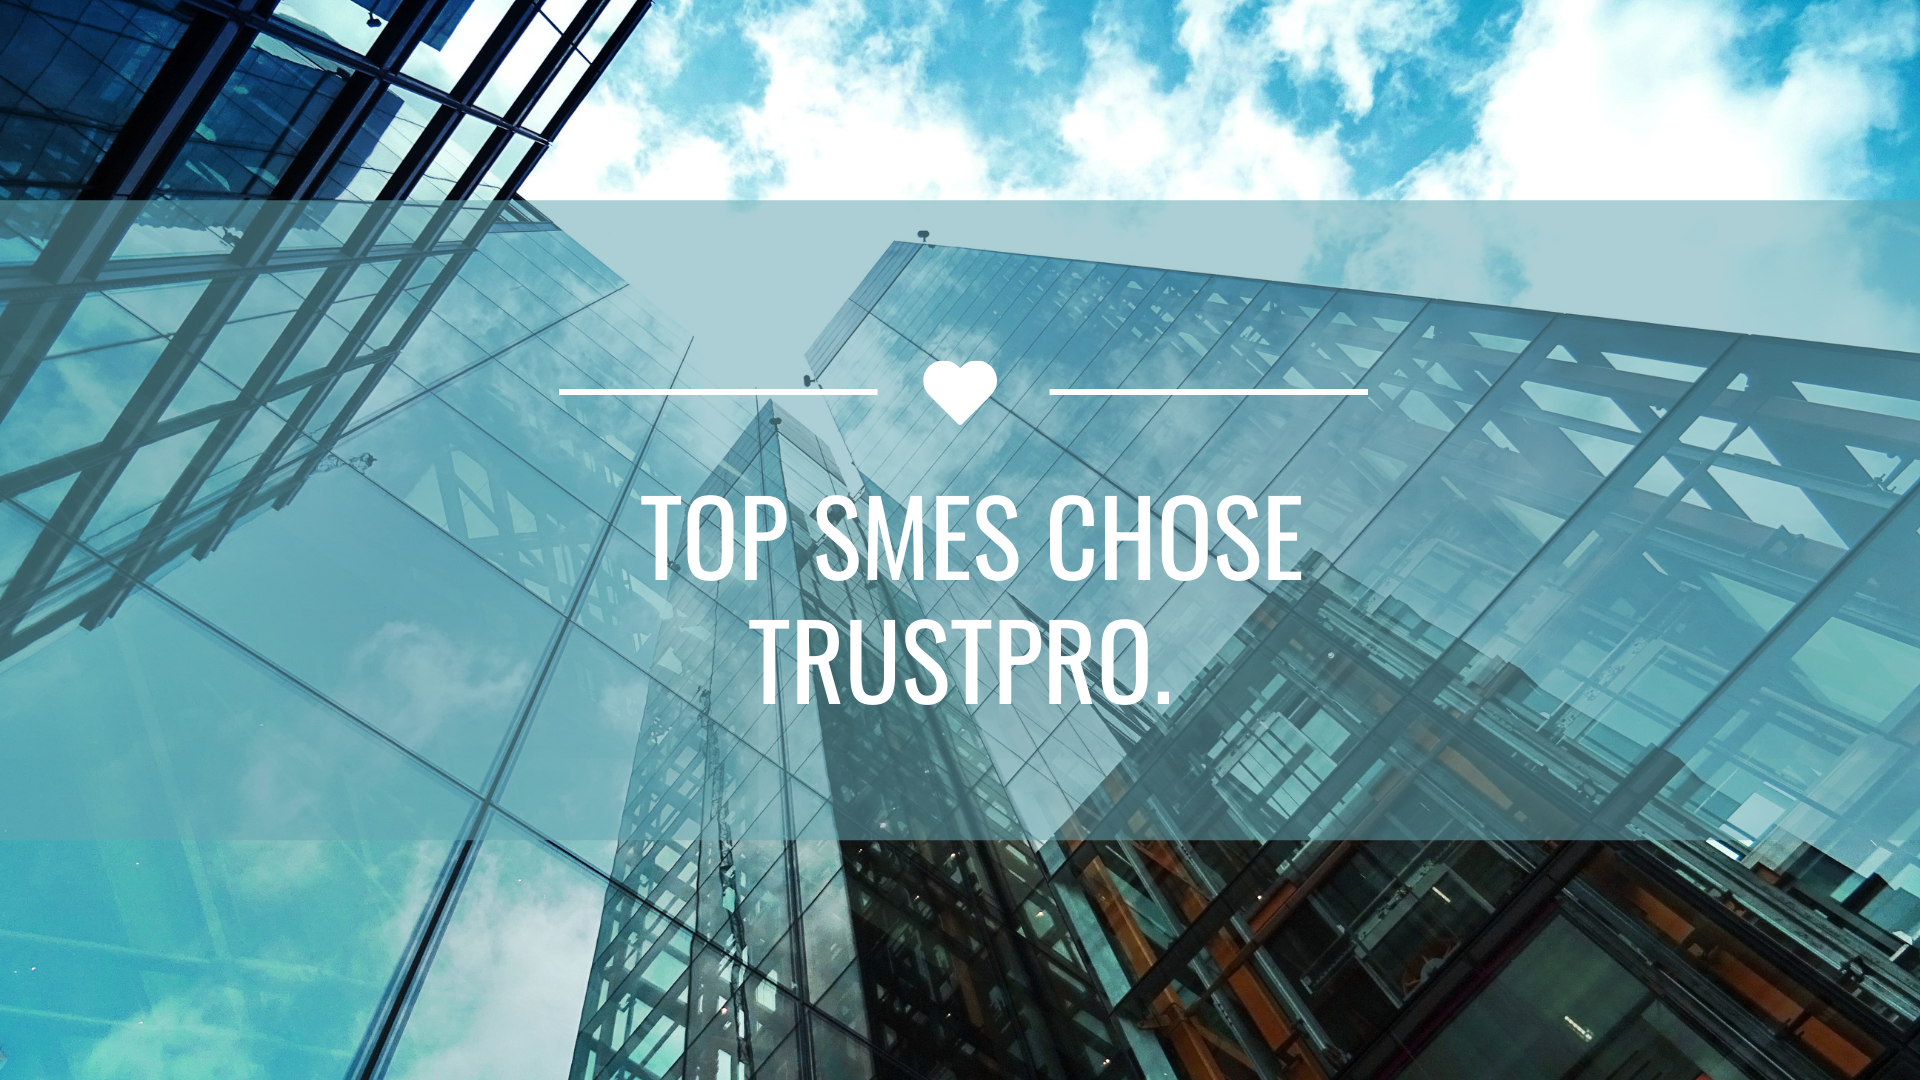 Top SME chose TrustPro - 20 Happy Project Clients from Top Enterprises